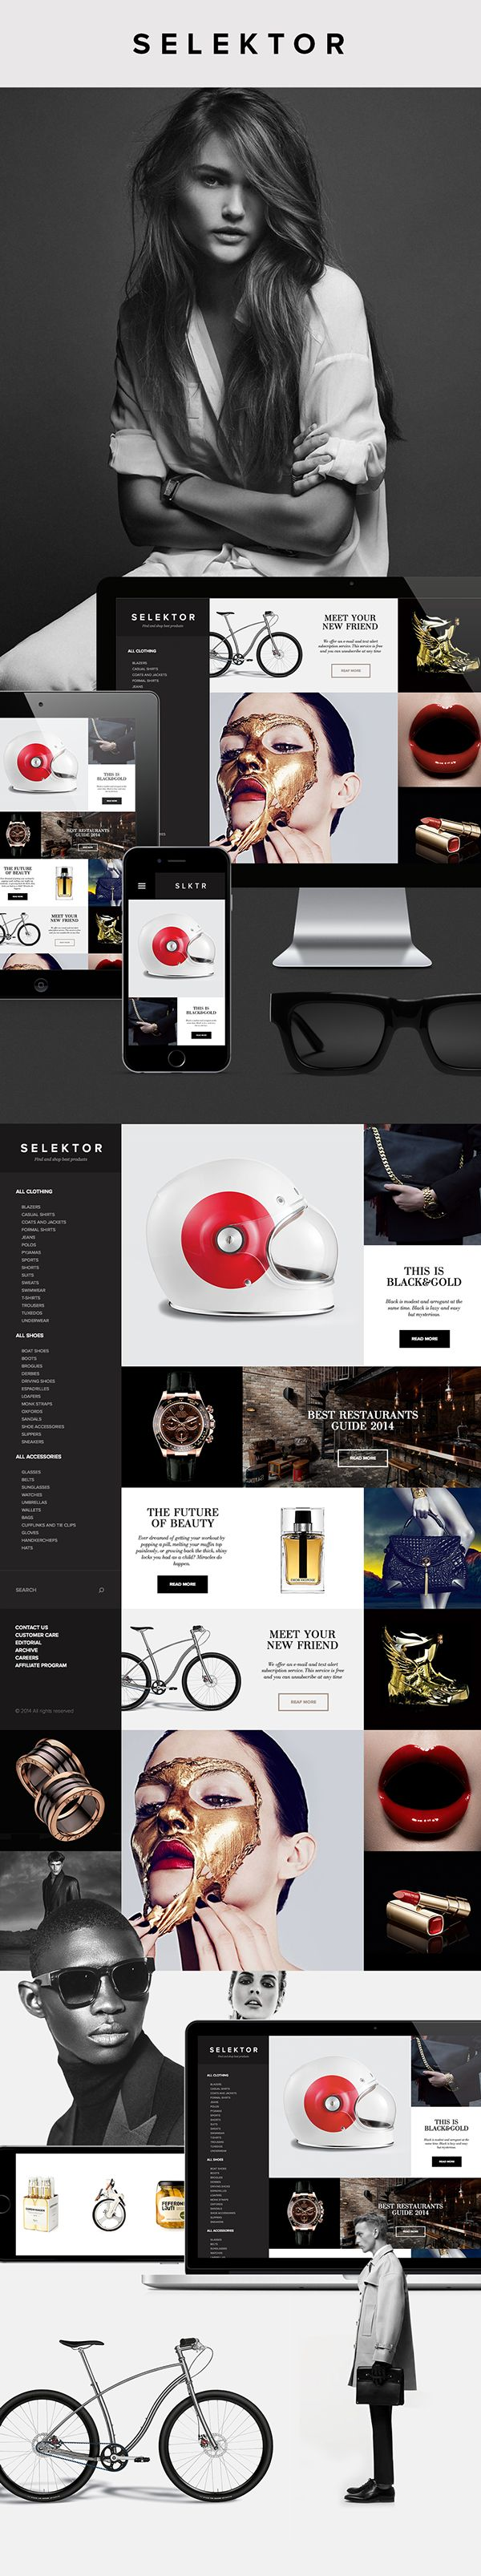 SLKTR – Social shopping platform design by Serge Vasil Published by Serge Vasil